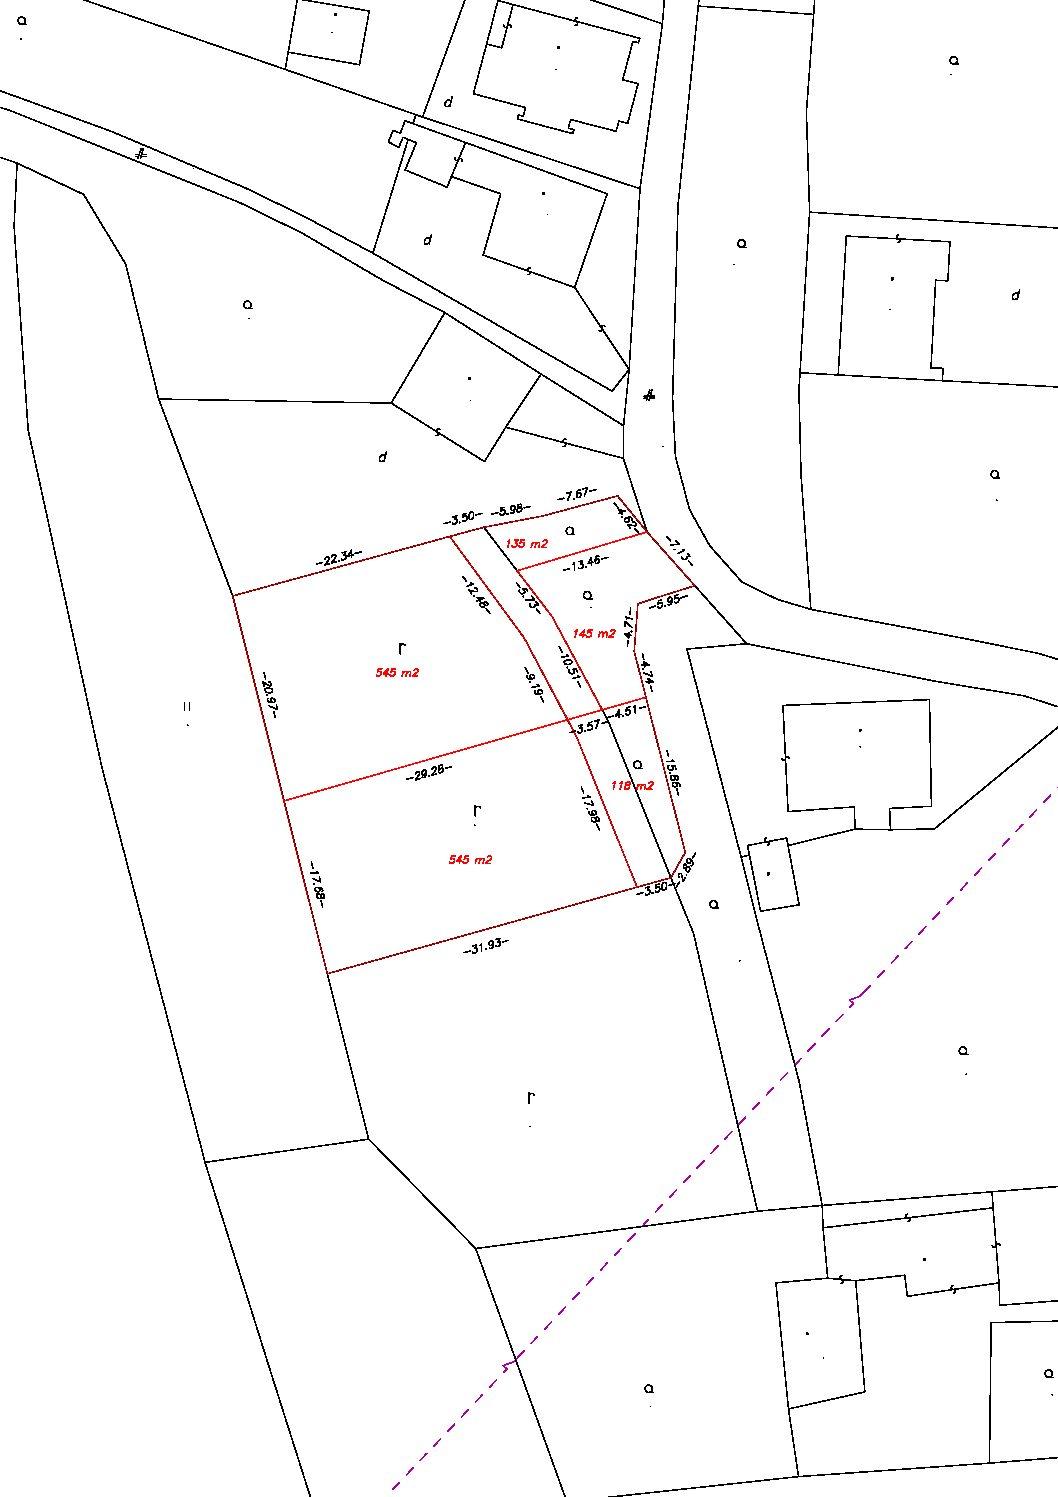 Predaj Stavebného pozemku na výstavbu rodinného domu o výmere 545m2.